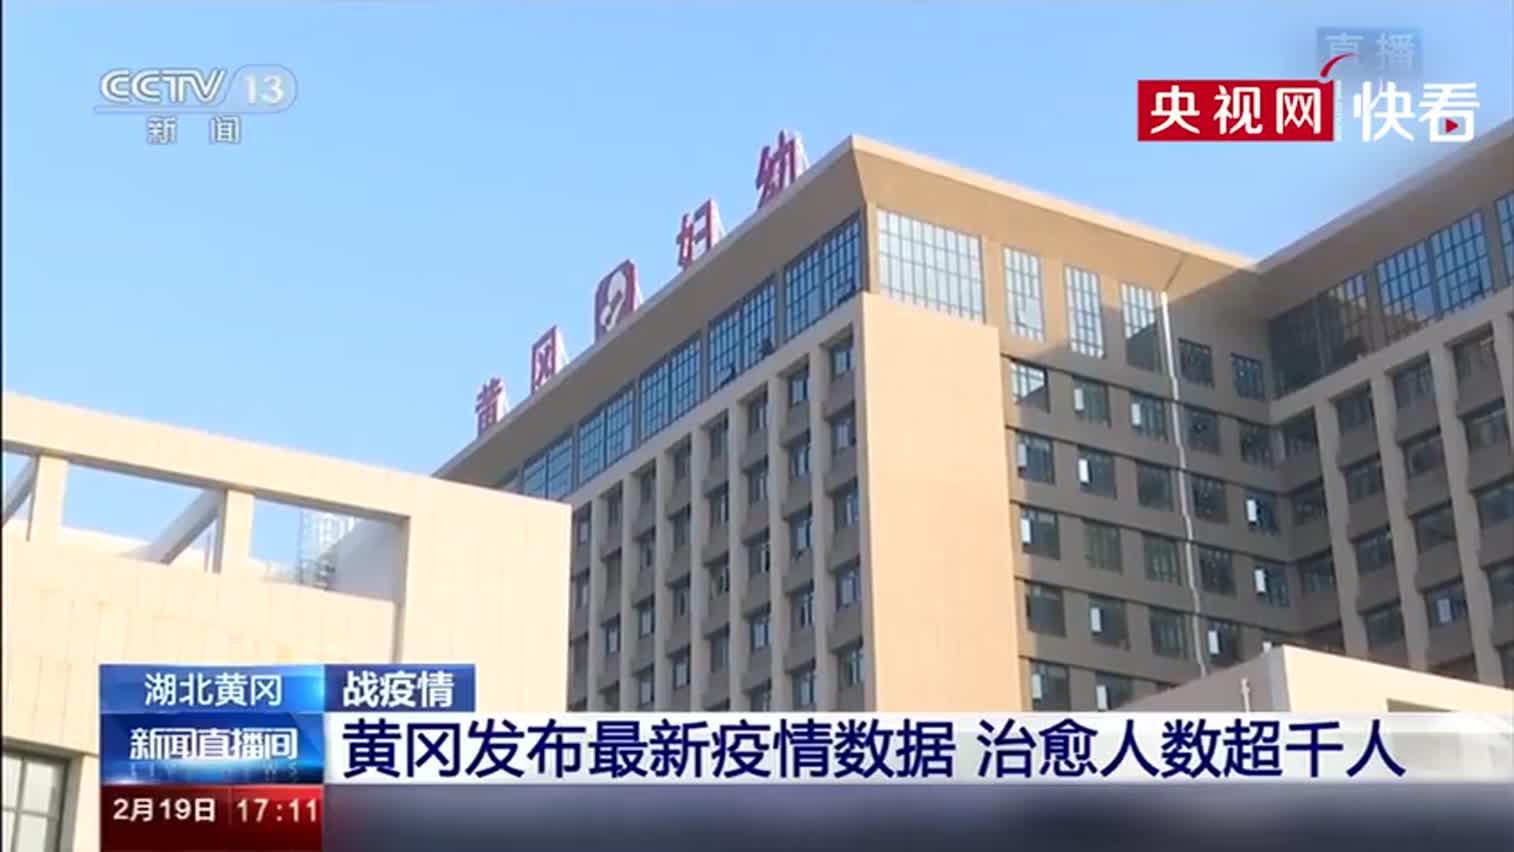 黄冈宣布最新疫情数据 治愈人数破千